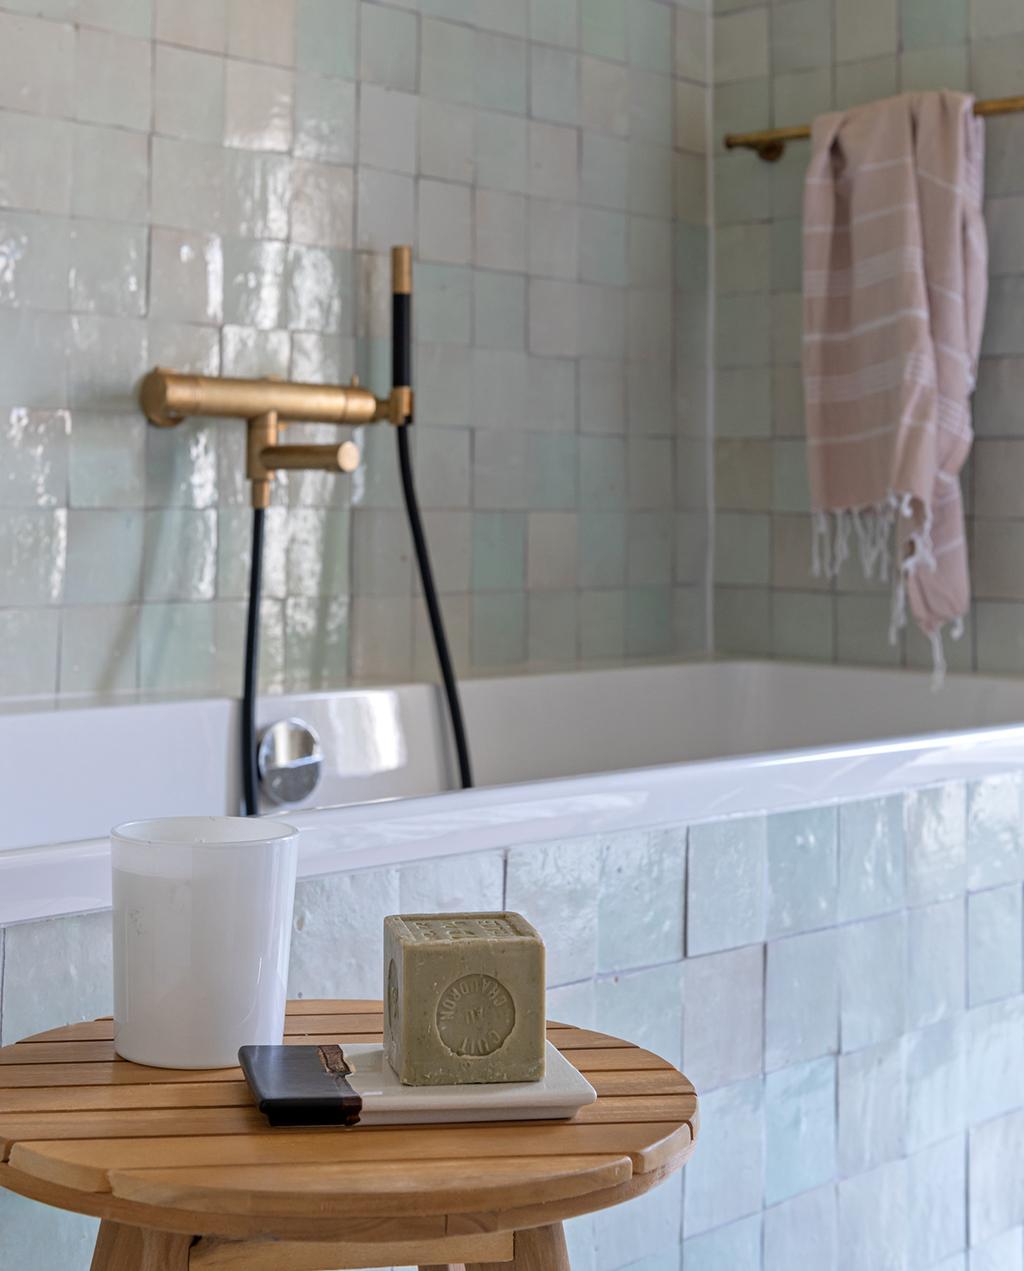 vtwonen special tiny houses | tegels van luxe materialen op het bad in de slaapkamer in Utrecht